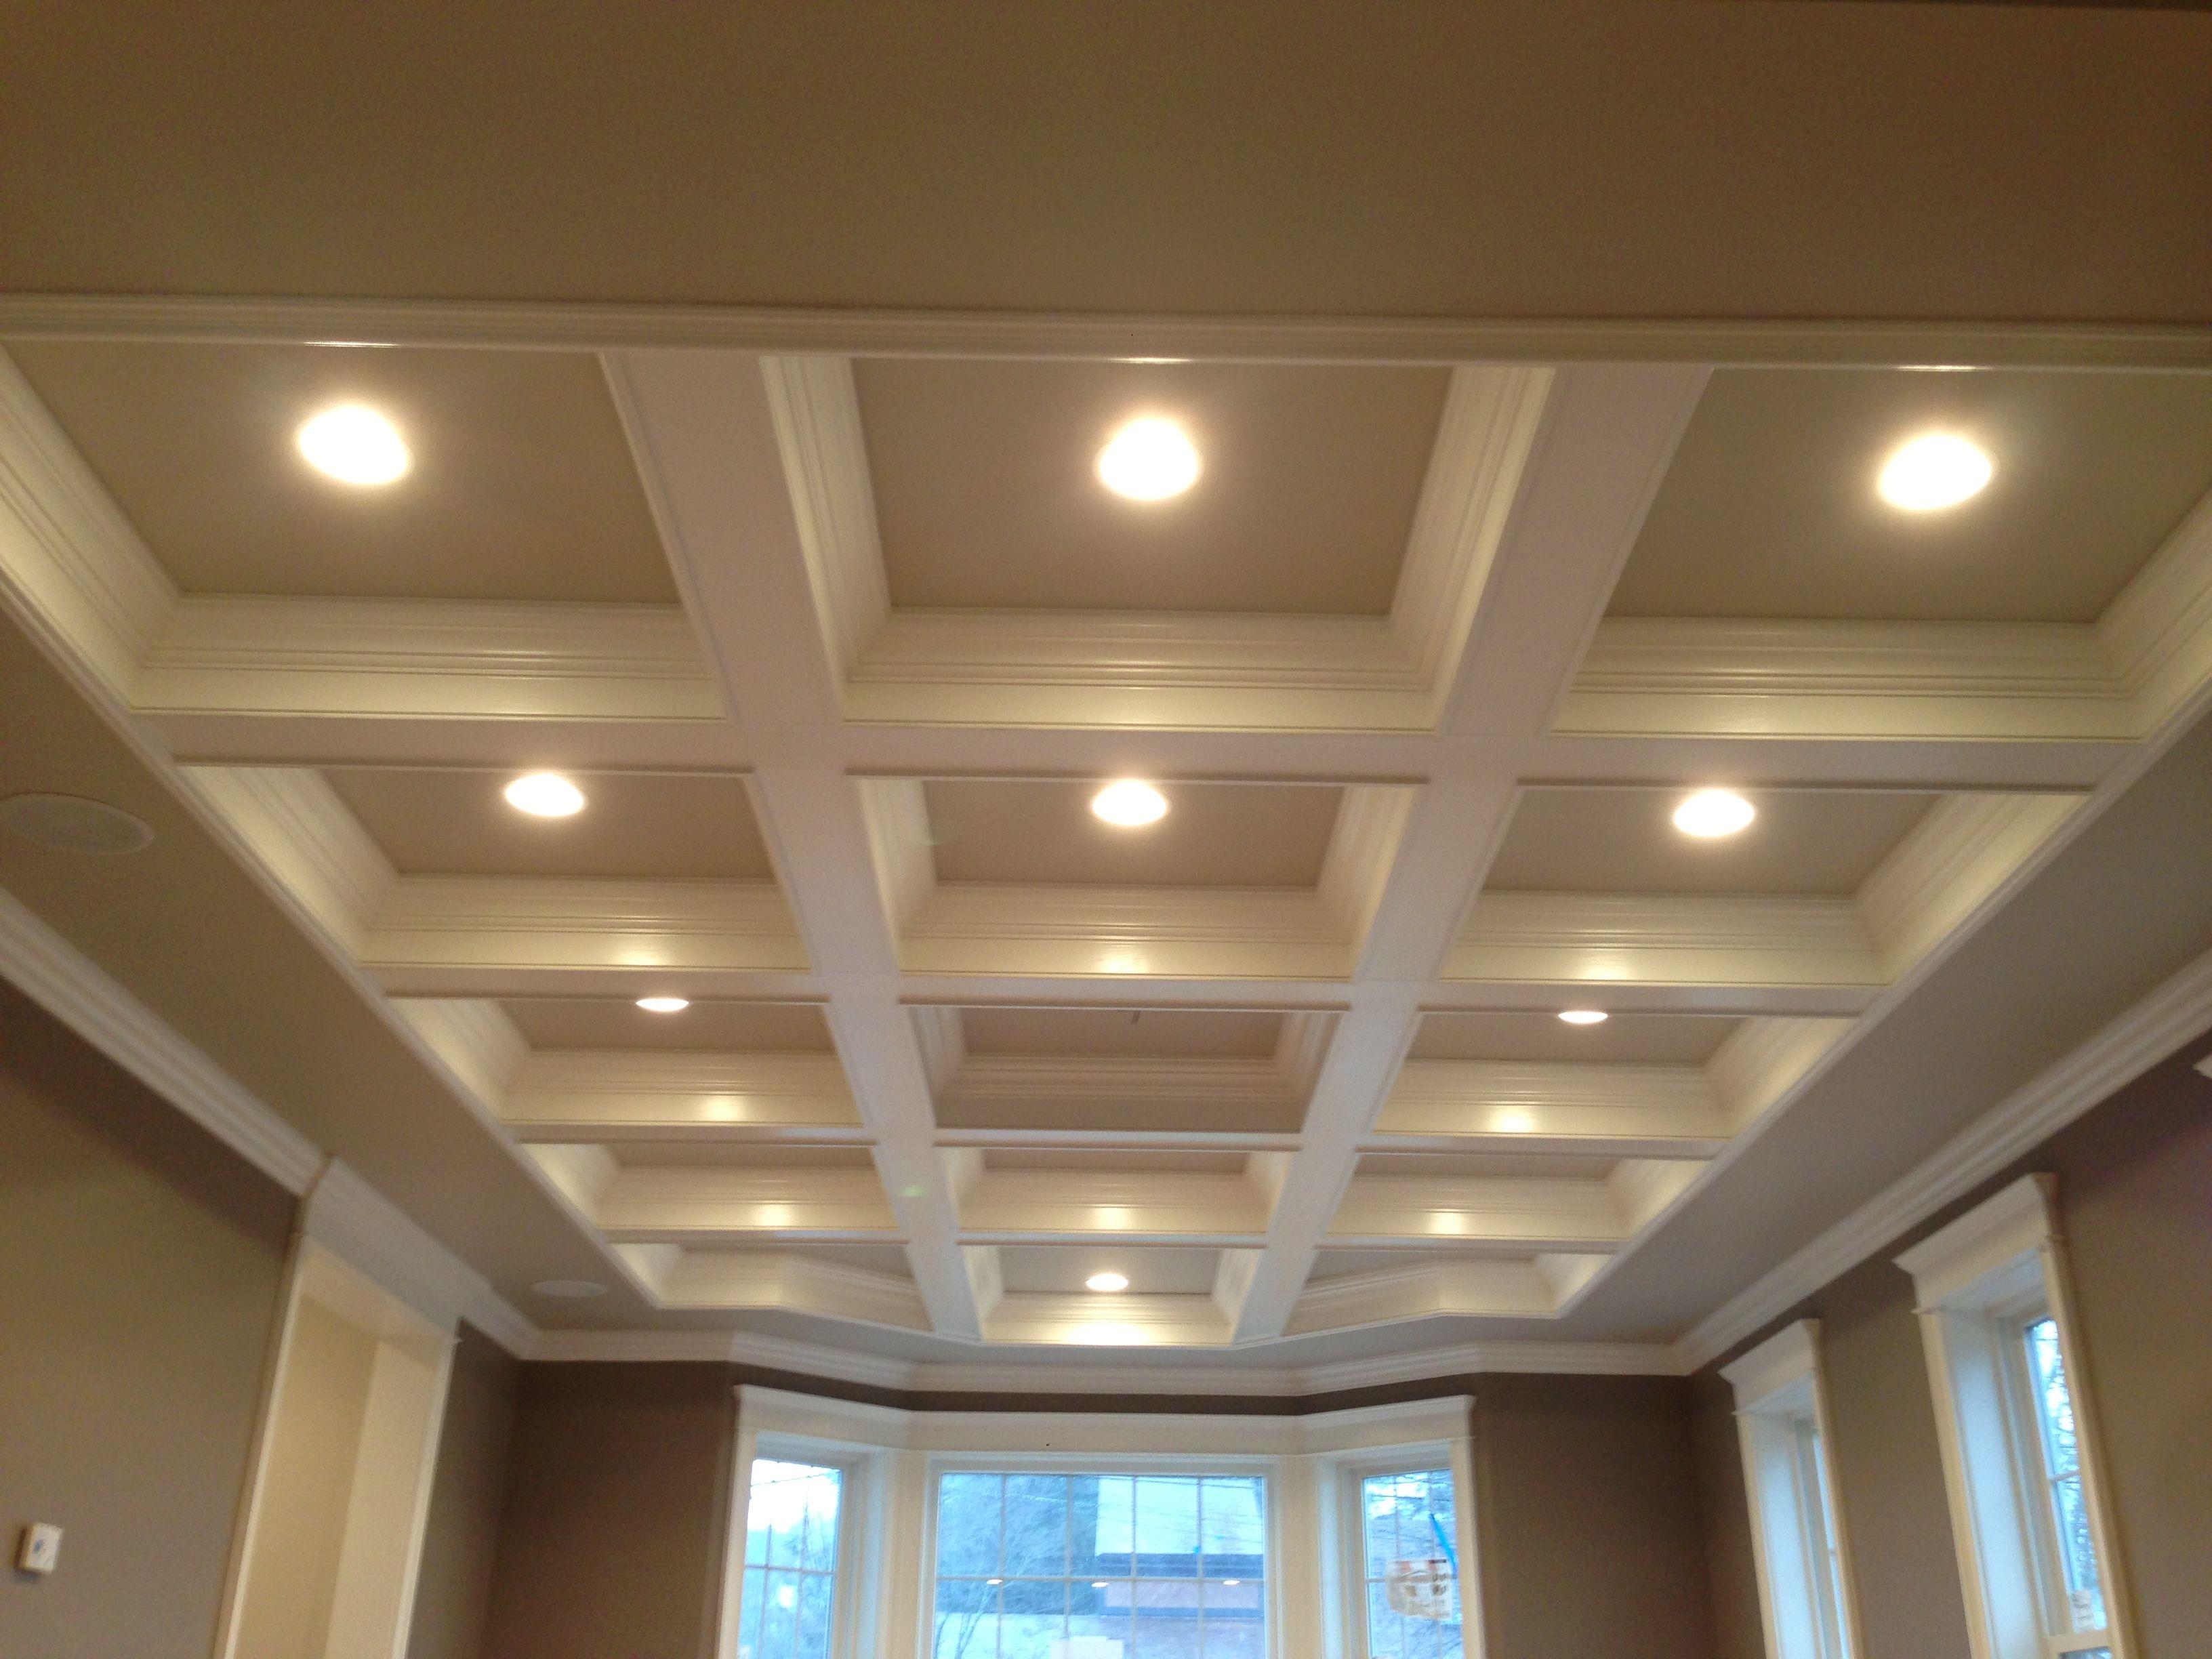 Потолок из гкл (46 фото): что это, подвесной двухуровневый с подсветкой, толщина и макеты двухуровневых конструкций